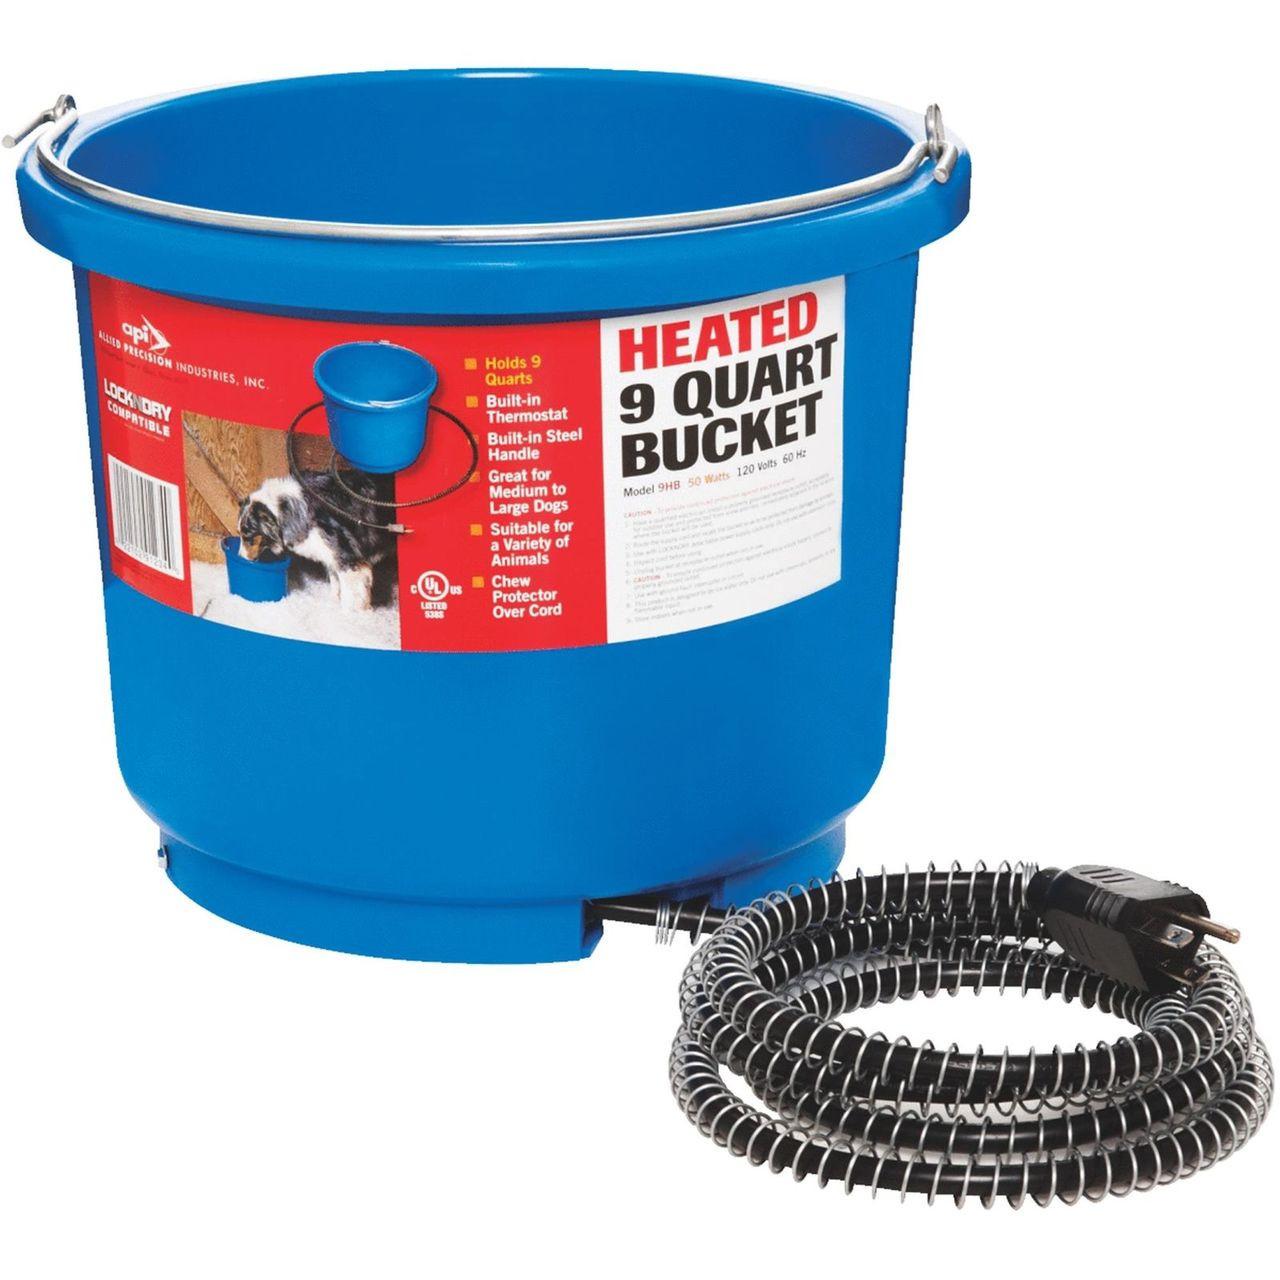 API Miller Plastic Heated 9 Quart Bucket Lock n dry Quit Breaking Ice!!